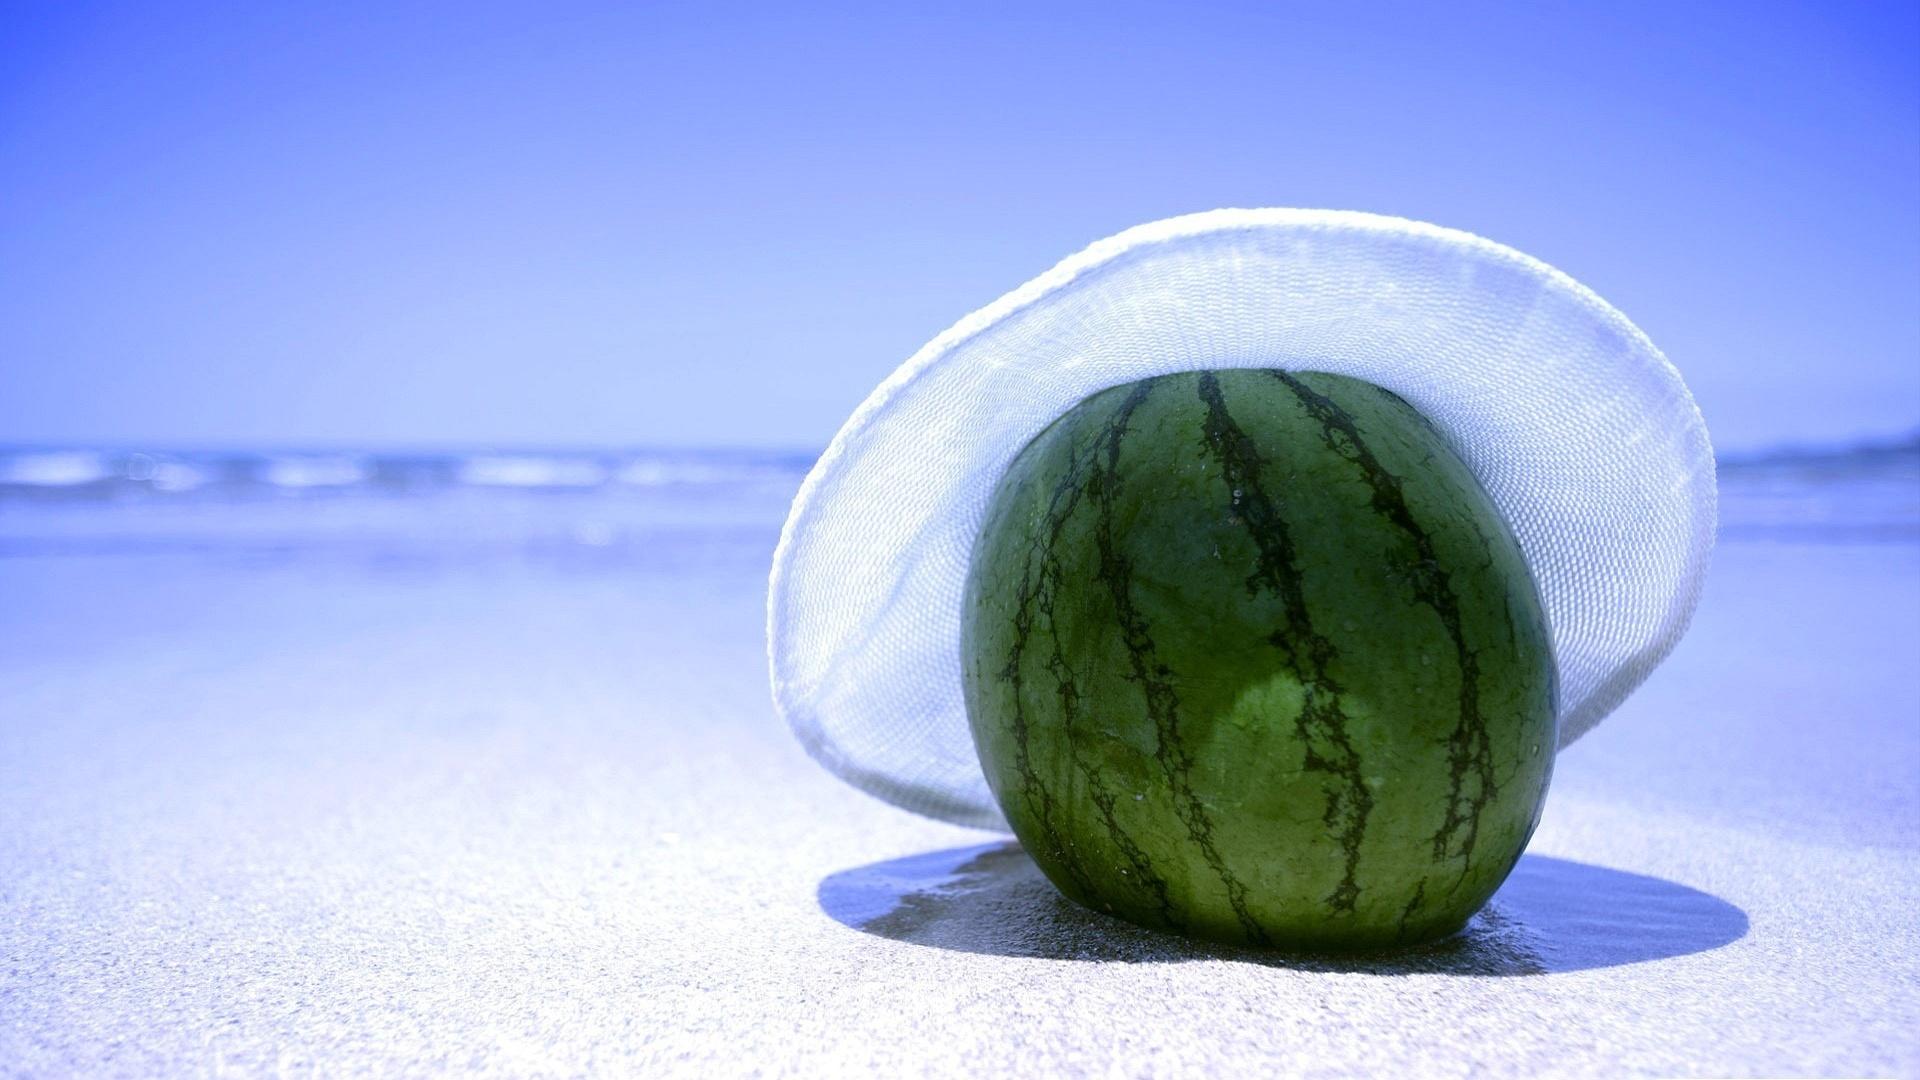 Sfondi Paesaggi Estivi Hd Anguria Sulla Spiaggia Sfondi Hd Gratis